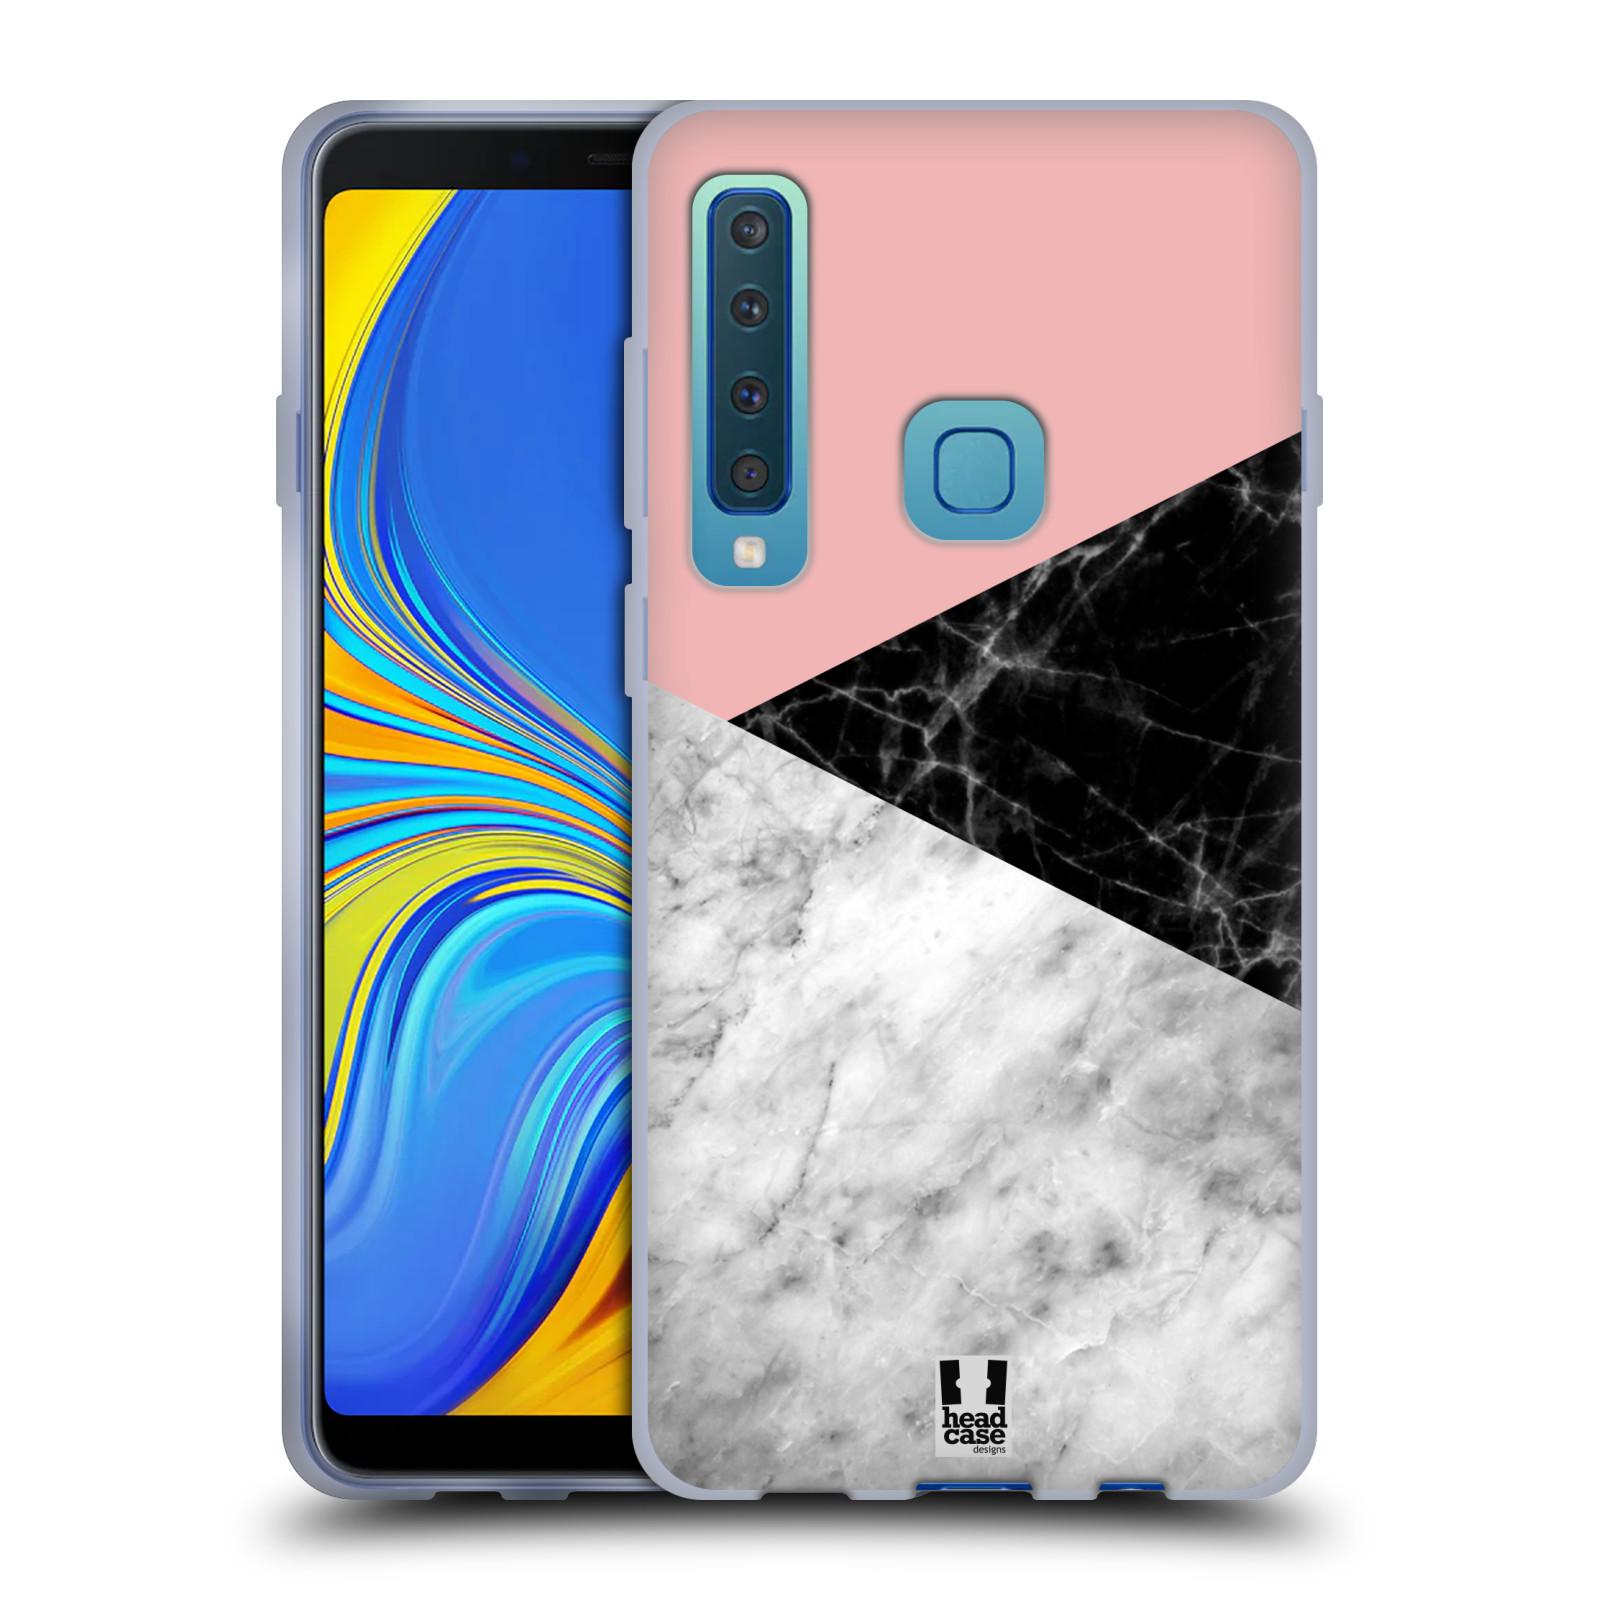 Silikonové pouzdro na mobil Samsung Galaxy A9 (2018) - Head Case - Mramor mix